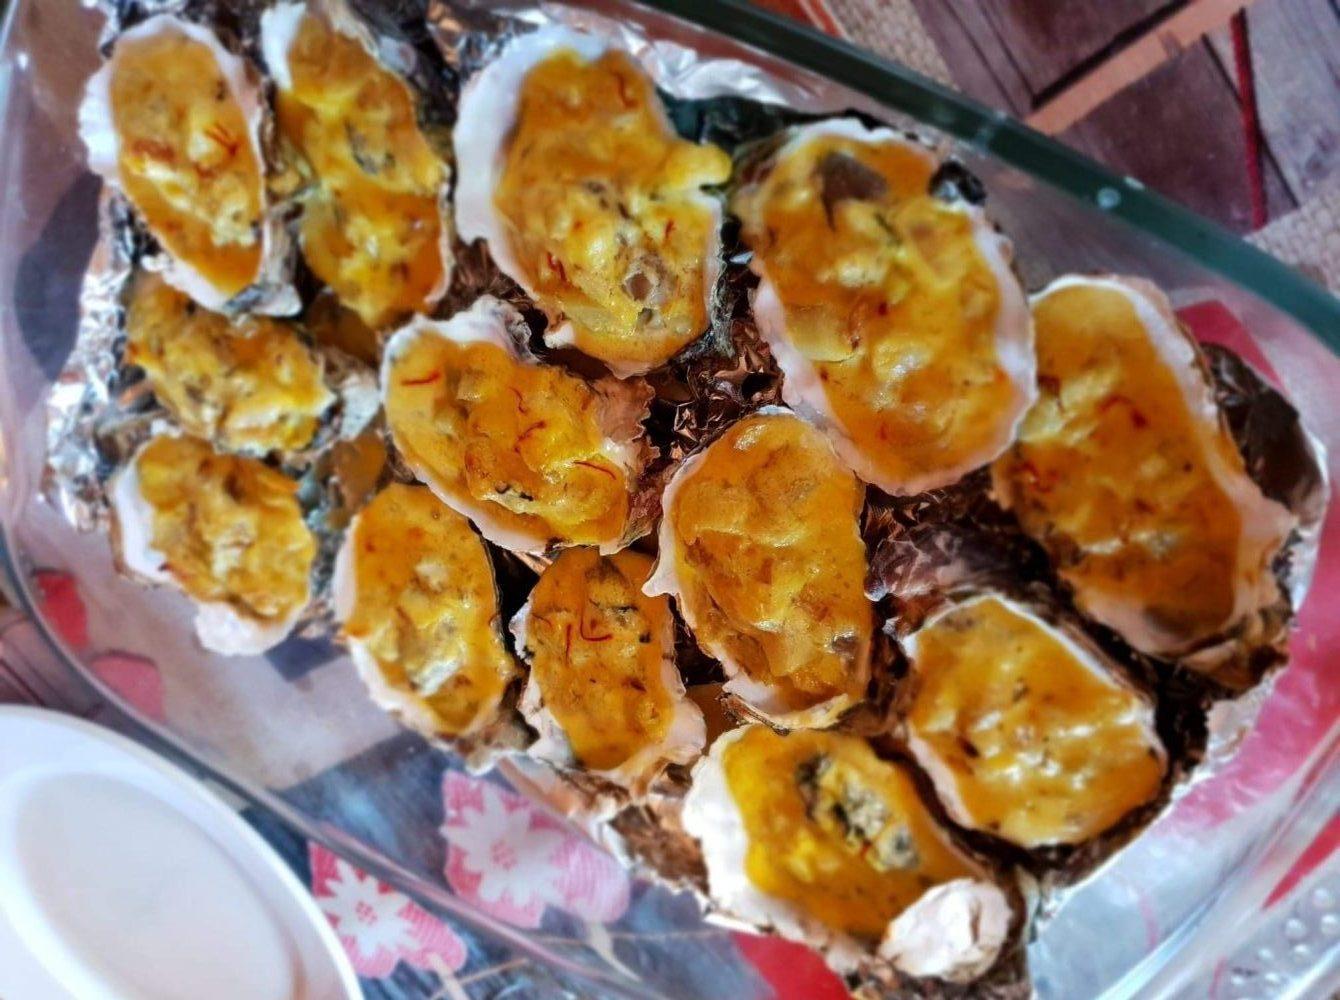 Huîtres au safran de la Mancha cuites au four